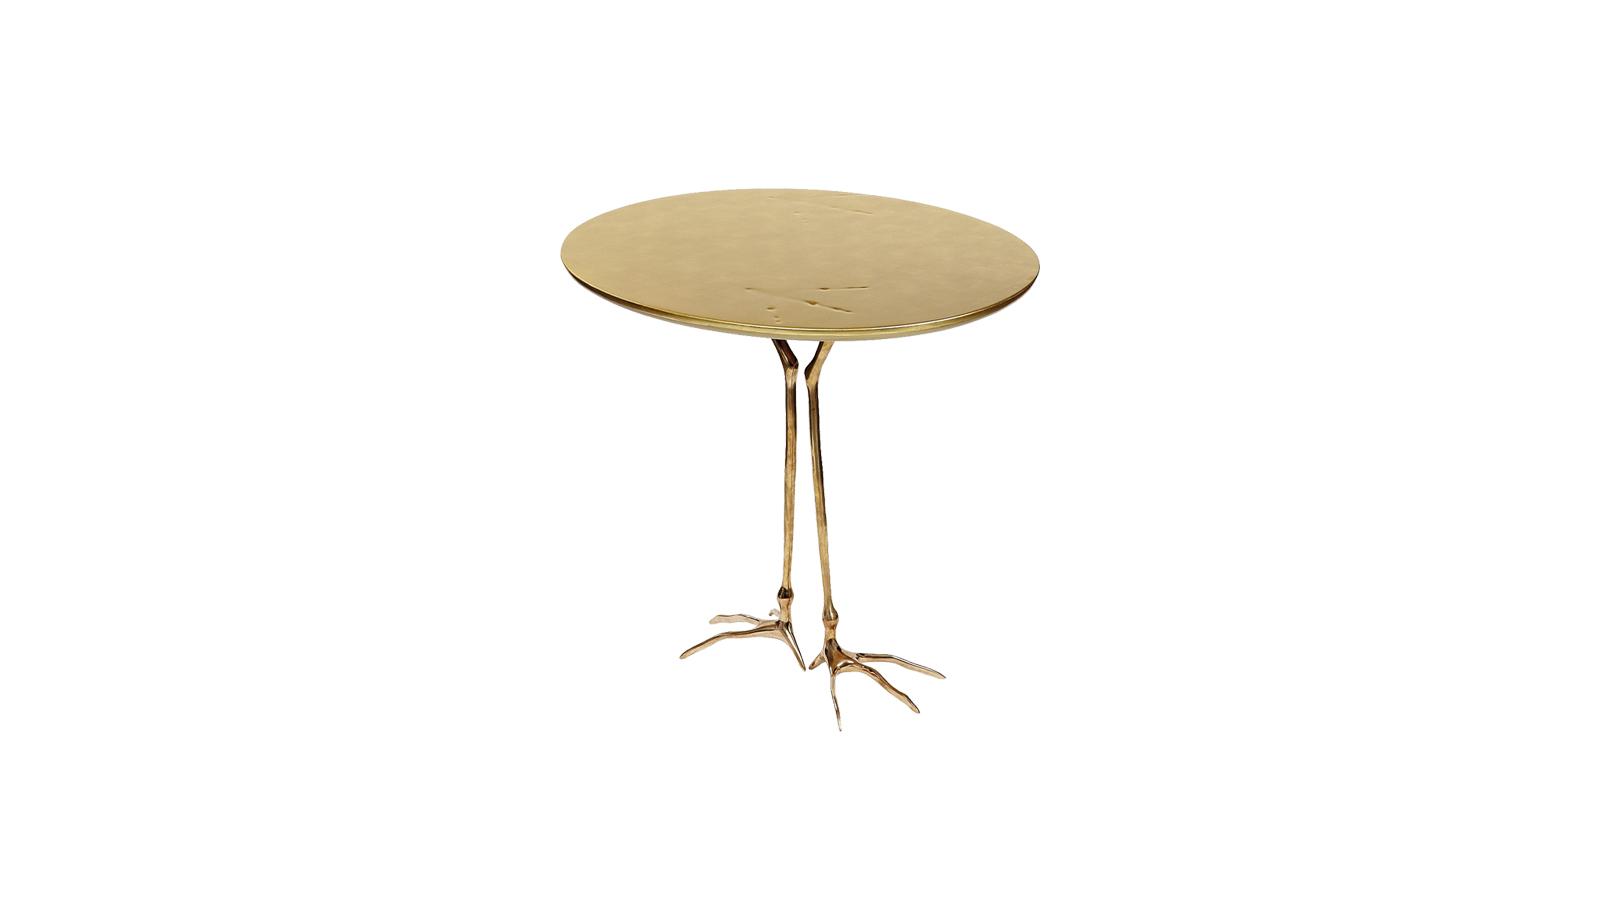 A világhírű képzőművész, Meret Oppenheim szerencsére a bútortörténeten is rajta hagyta a kéznyomát. Fékezhetetlen kreativitásából született a Traccia kisasztal is, mely a képzelet és racionalitás határán mozog. A kecses madárlábat megformáló tartószerkezet és a letisztult formavilágot követő asztallap kettőse tökéletes kompozíciót alkot.